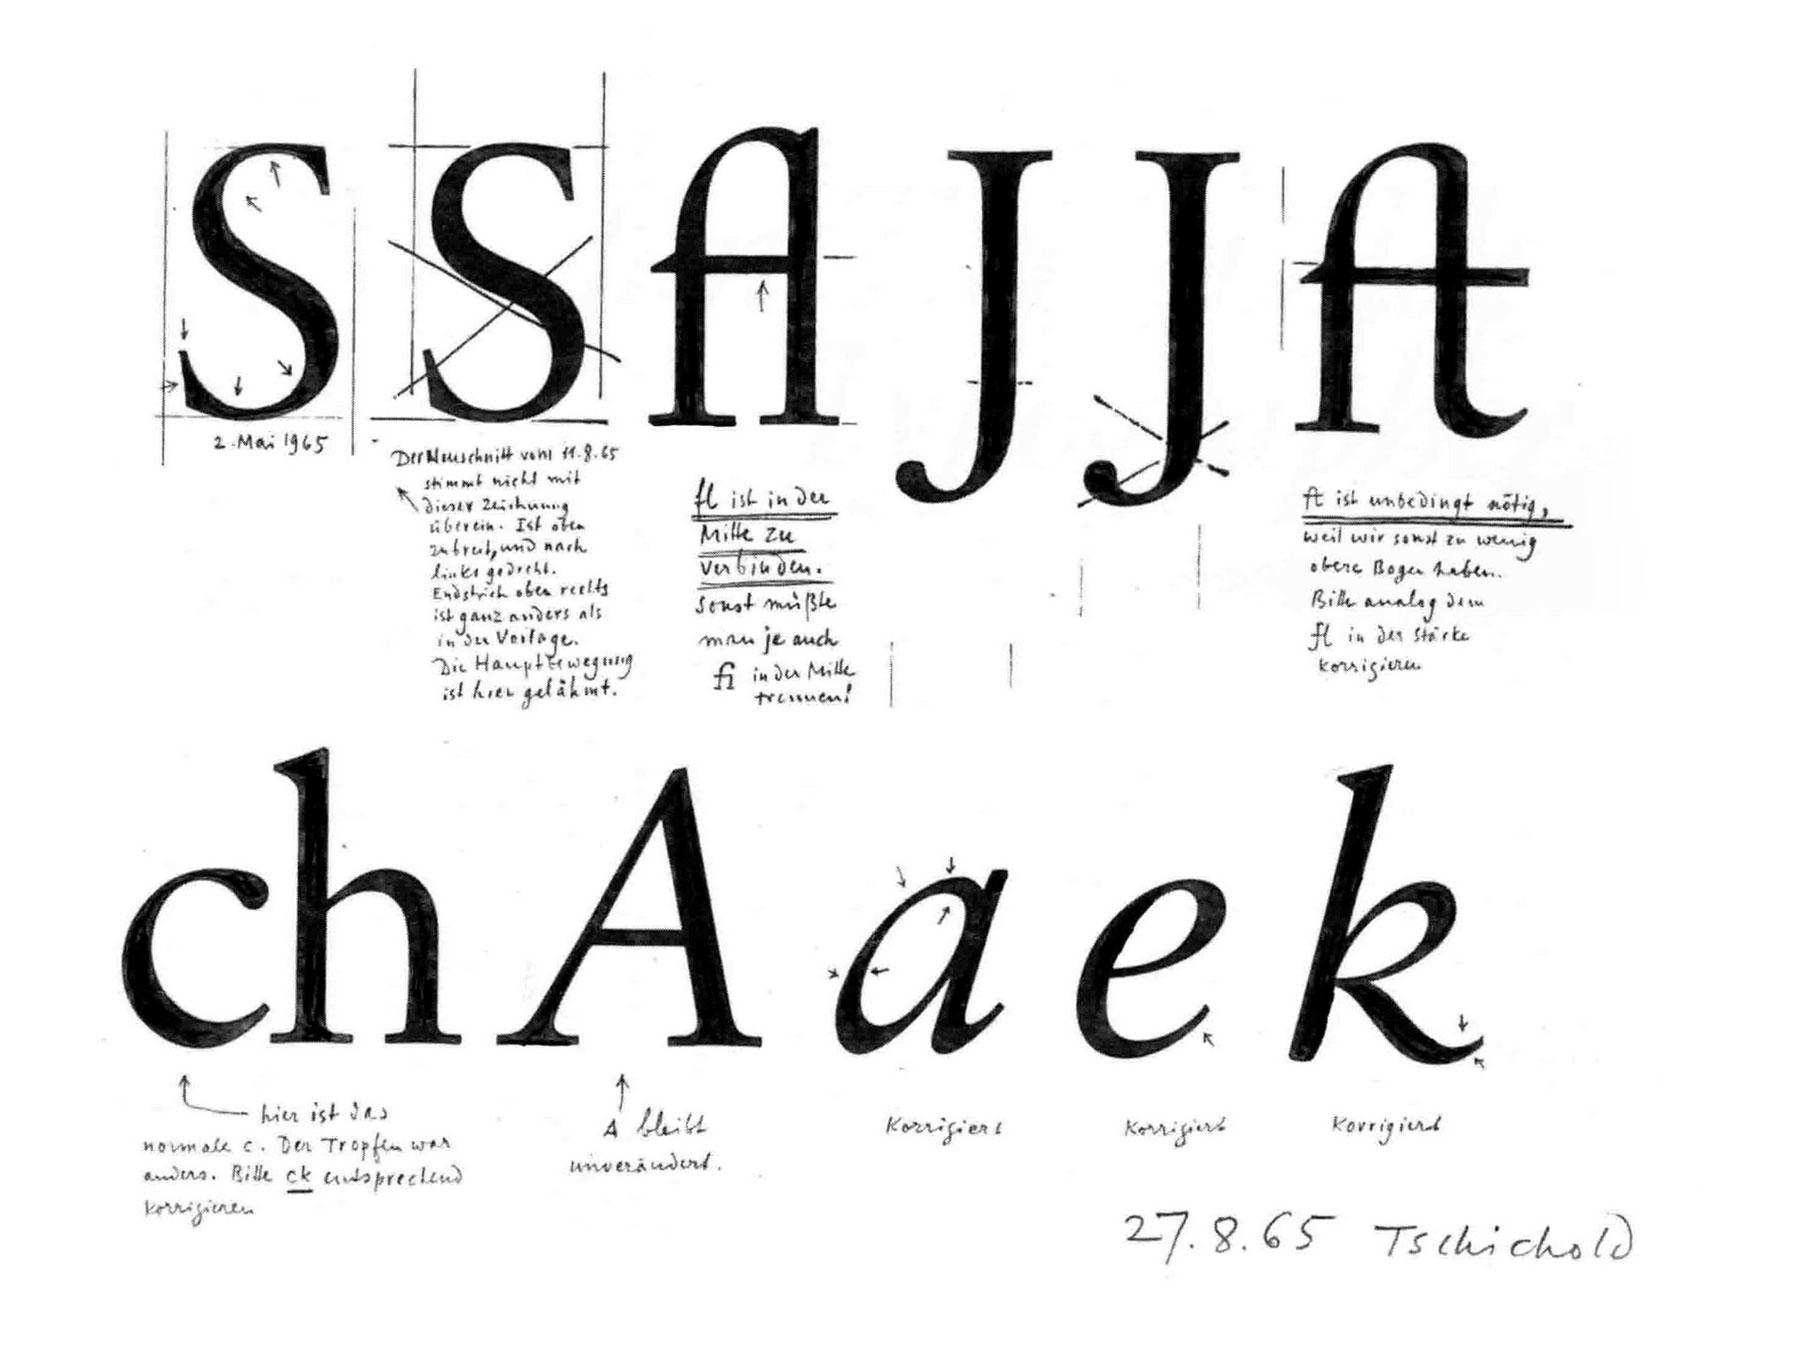 Les-origines-du-Sabon-Maximilien-Vox-1969-jan-tschichold-croquis-index-grafik